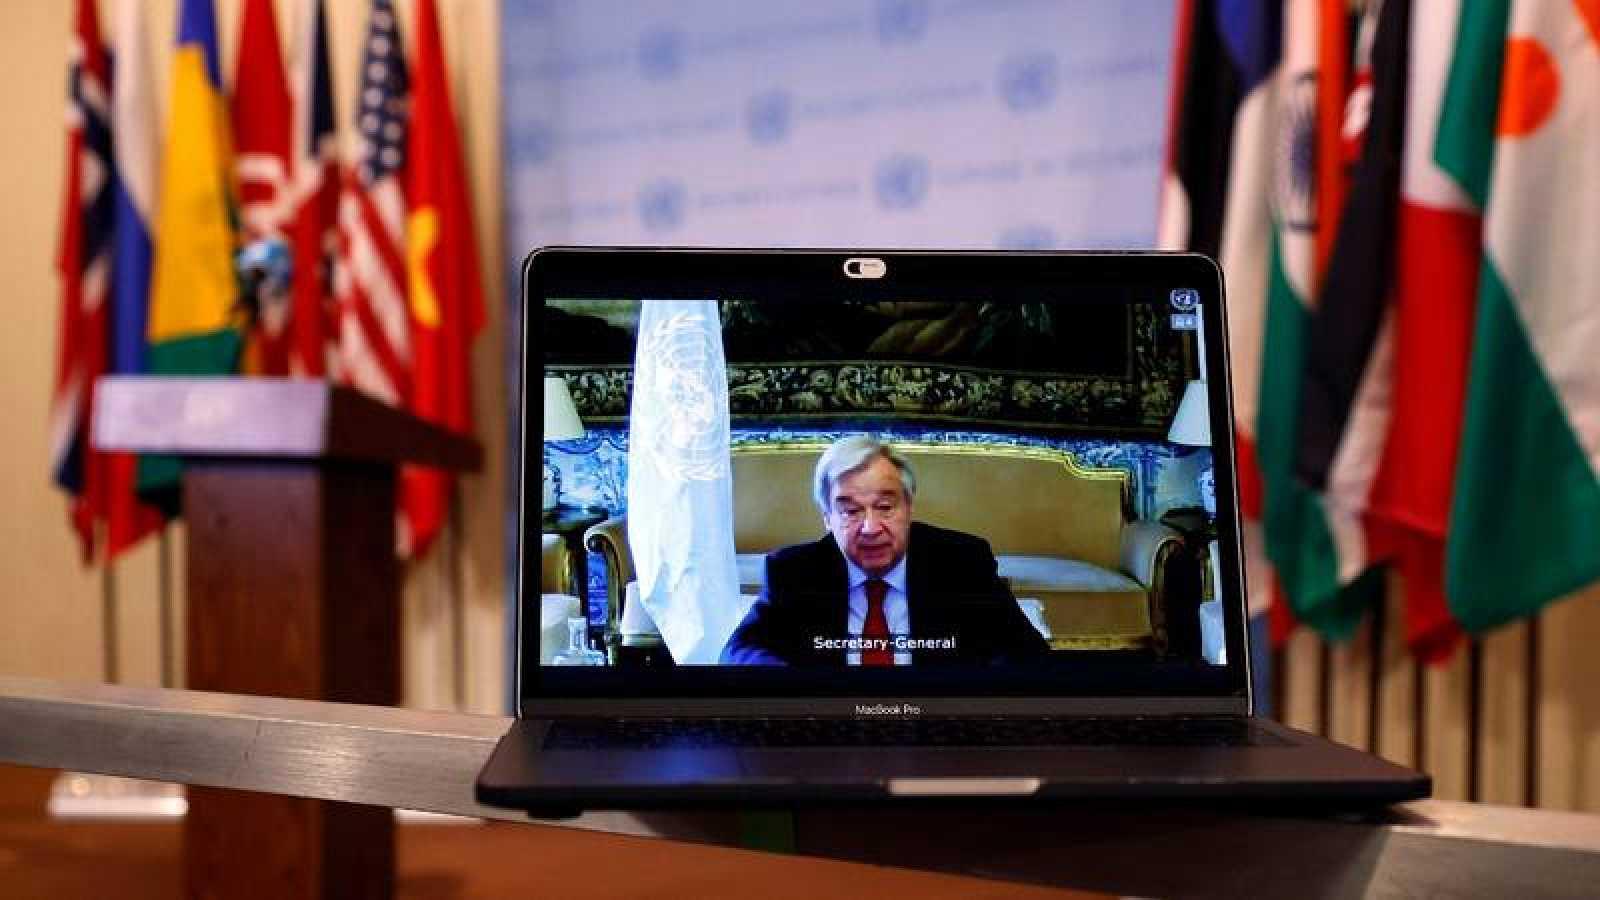 El secretario general de la ONU, António Guterres, interviene en el Consejo de Seguridad de manera telemática